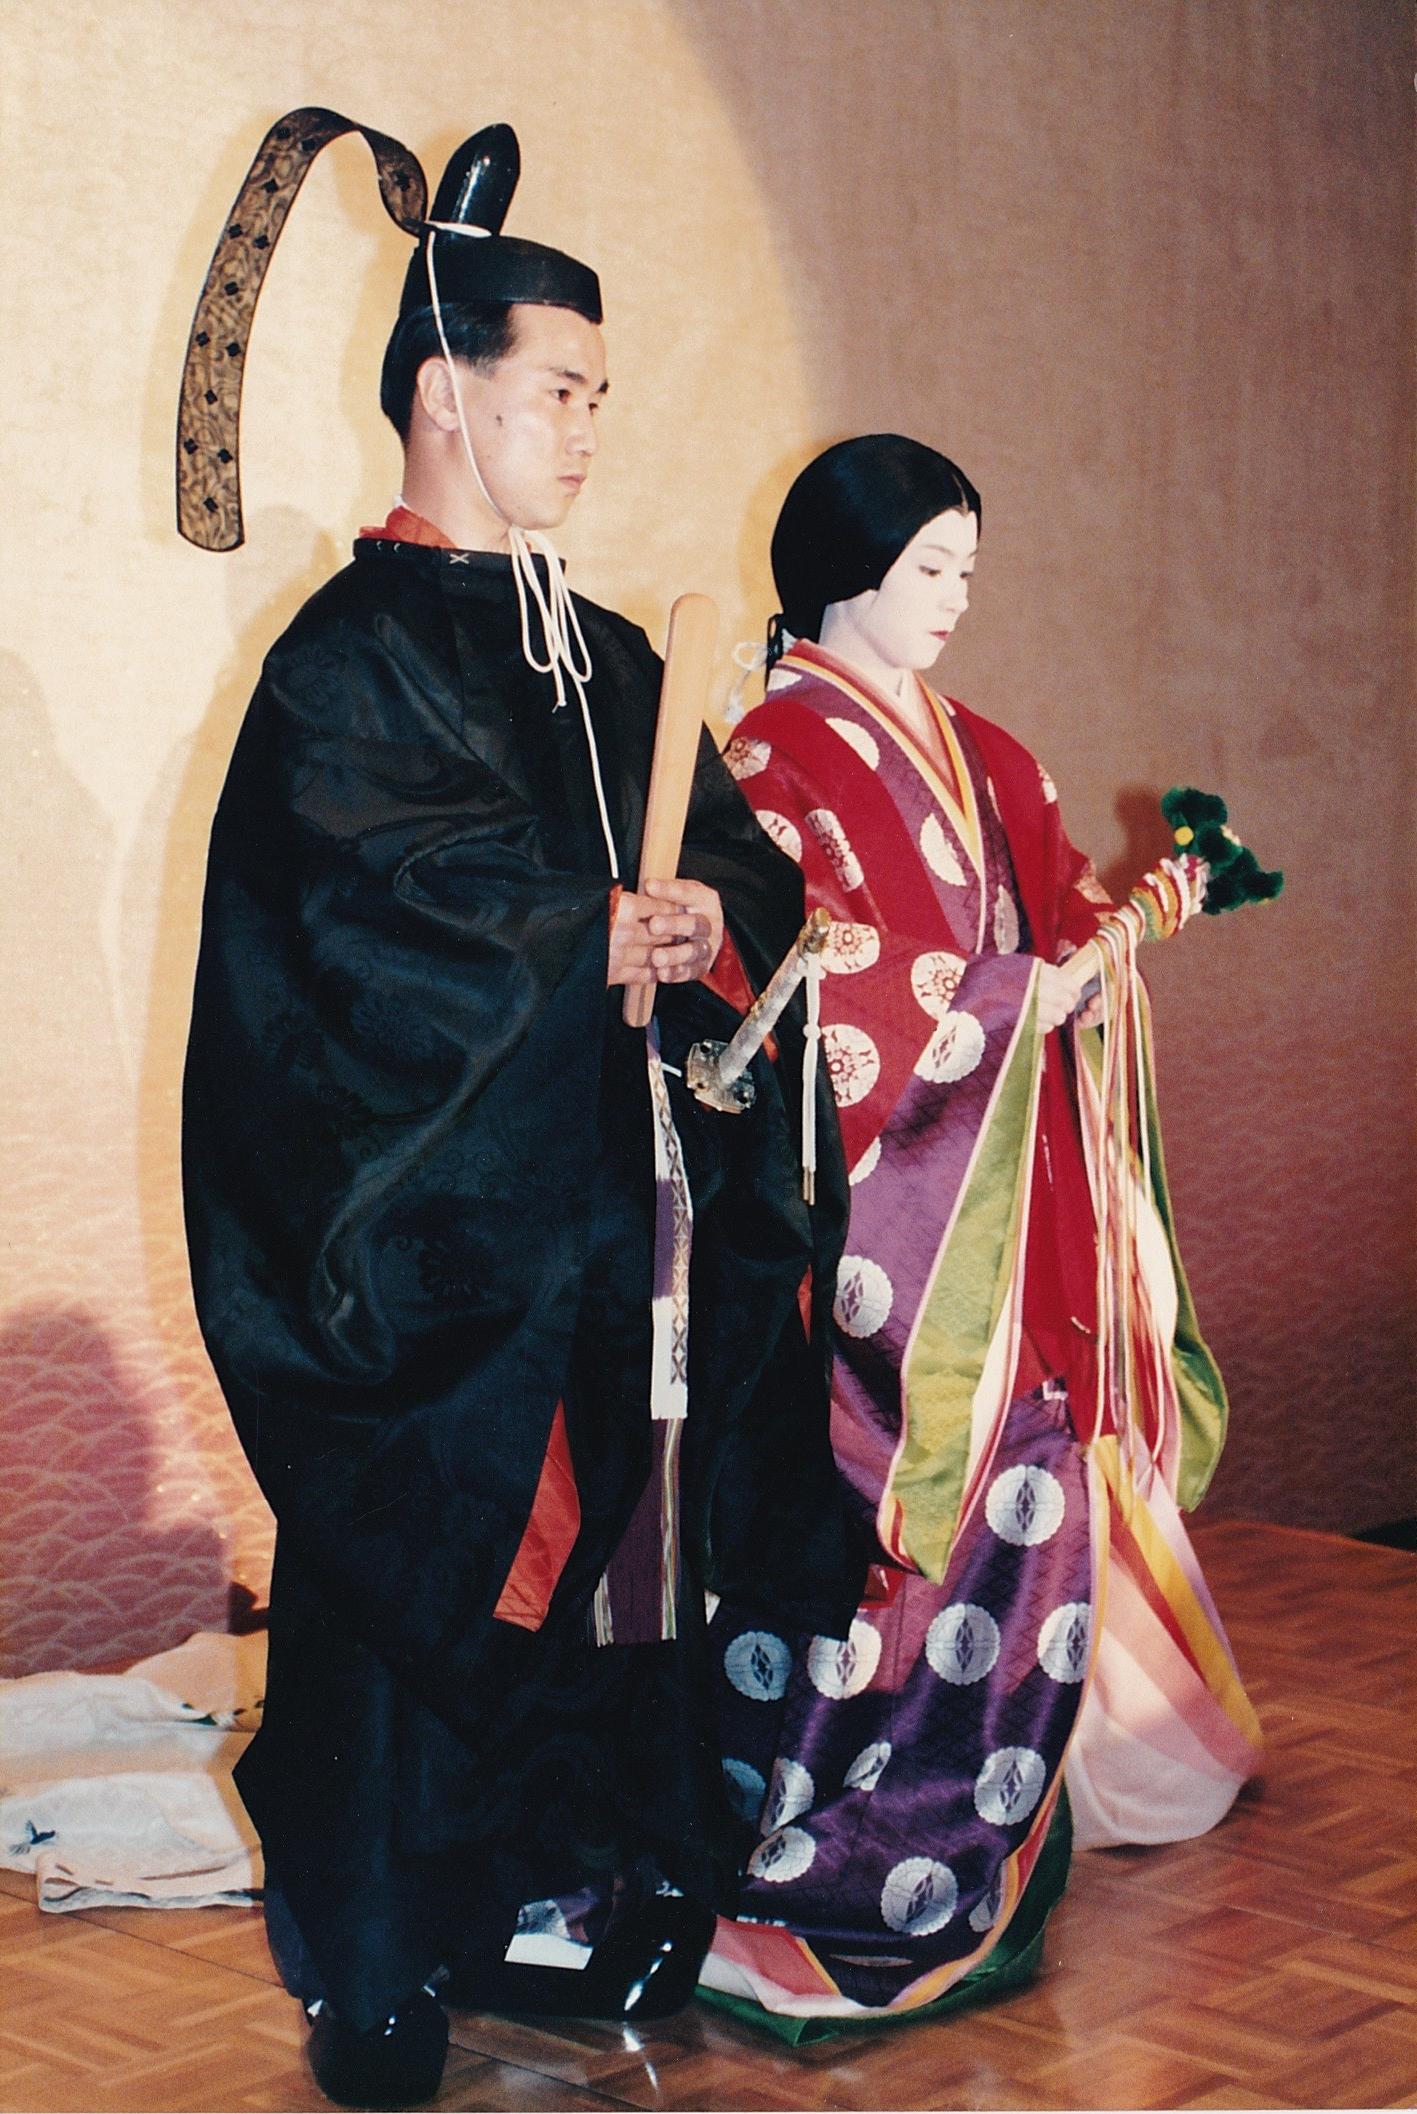 衣冠束帯と十二単衣で結婚披露宴